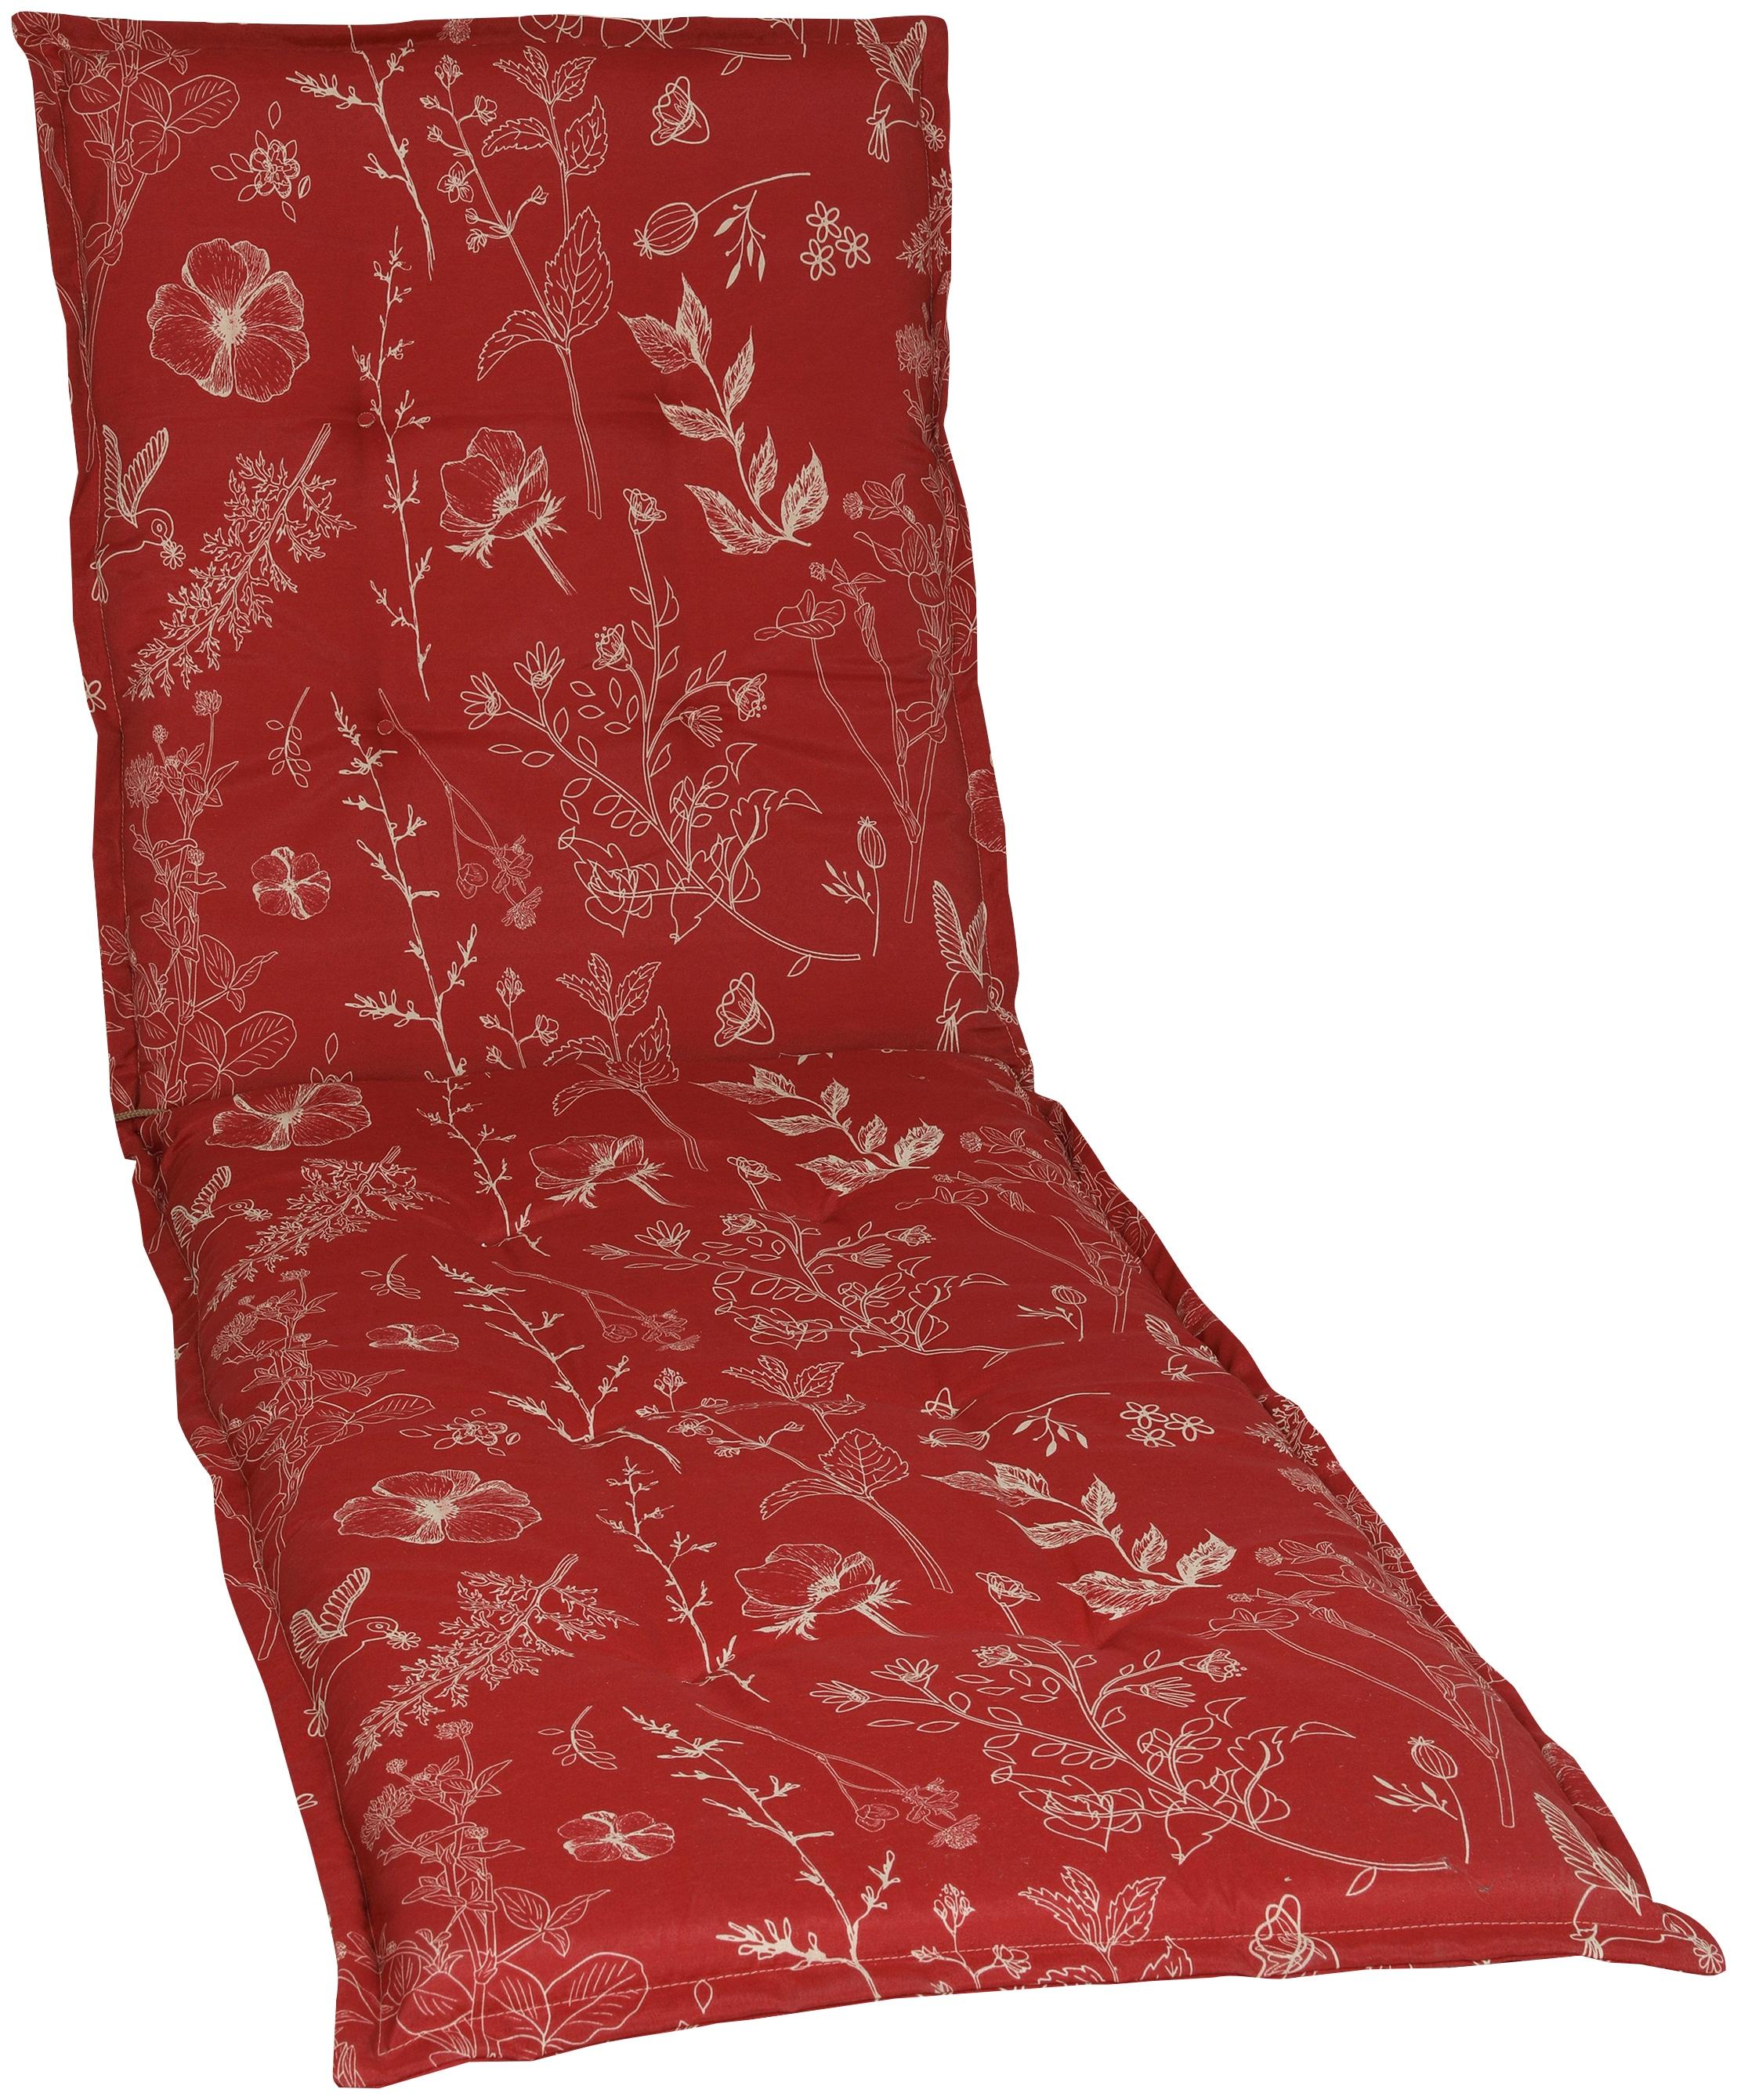 GO-DE Liegenauflage, 190 x 60 cm rot Liegenauflagen Gartenmöbel-Auflagen Gartenmöbel Gartendeko Liegenauflage